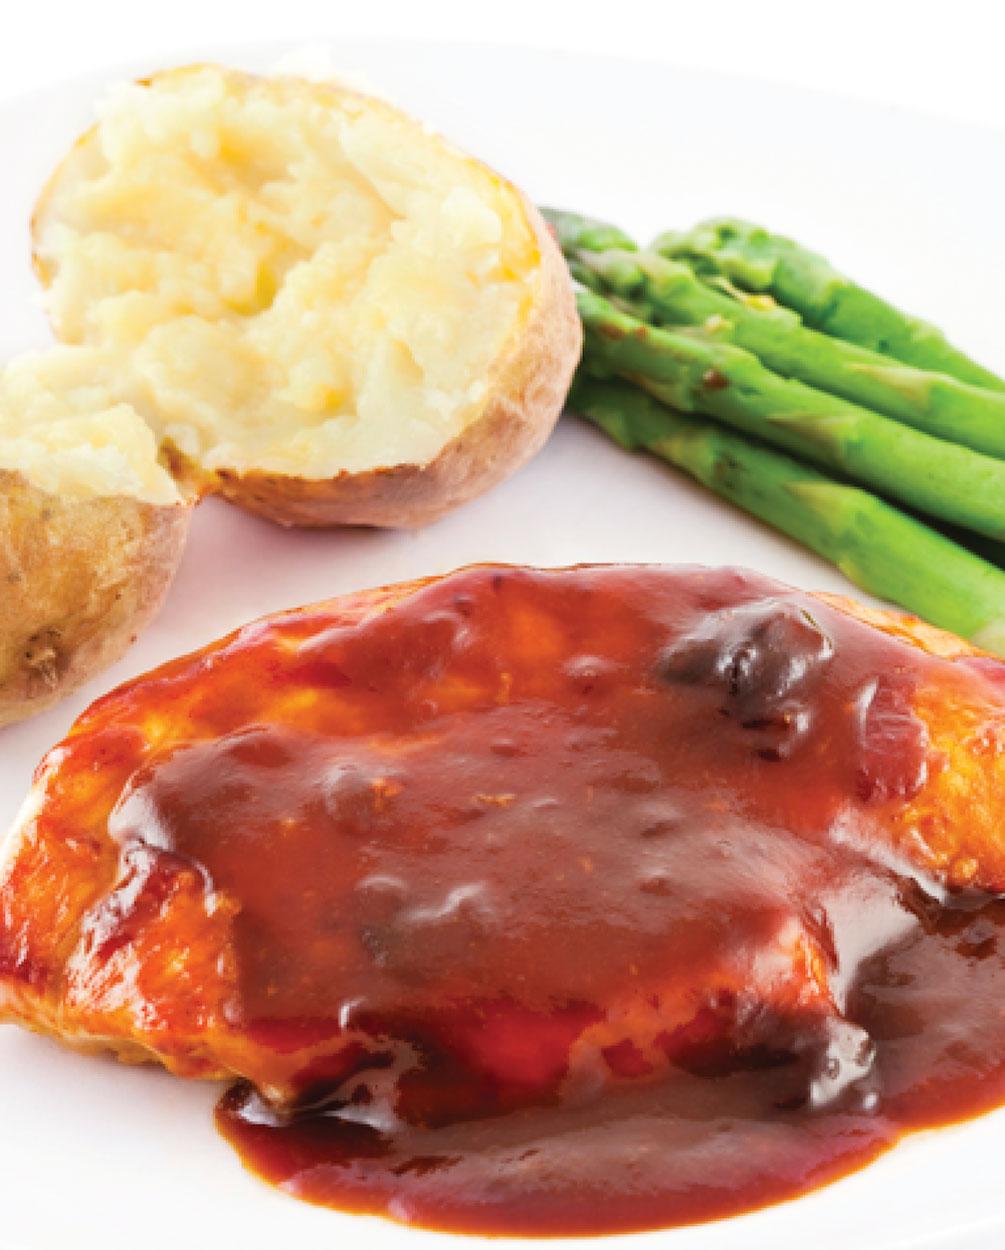 Marinated Spicy BBQ Chicken